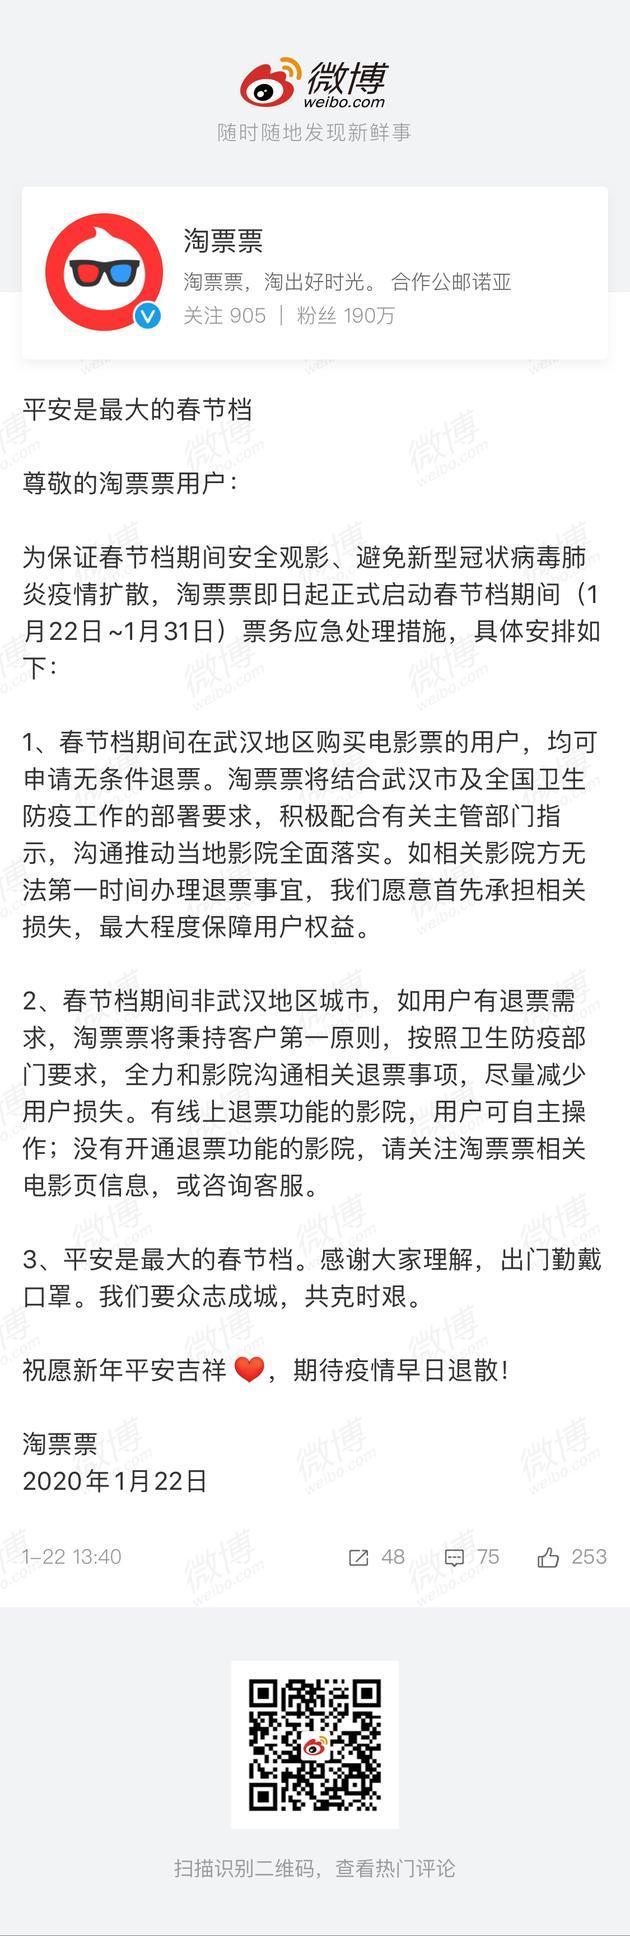 Rạp phim Trung Quốc sẵn sàng hoàn trả tiền vé cho khán giả vì dịch cúm virus Corona trong mùa Tết Canh Tý 2020 Ảnh 3